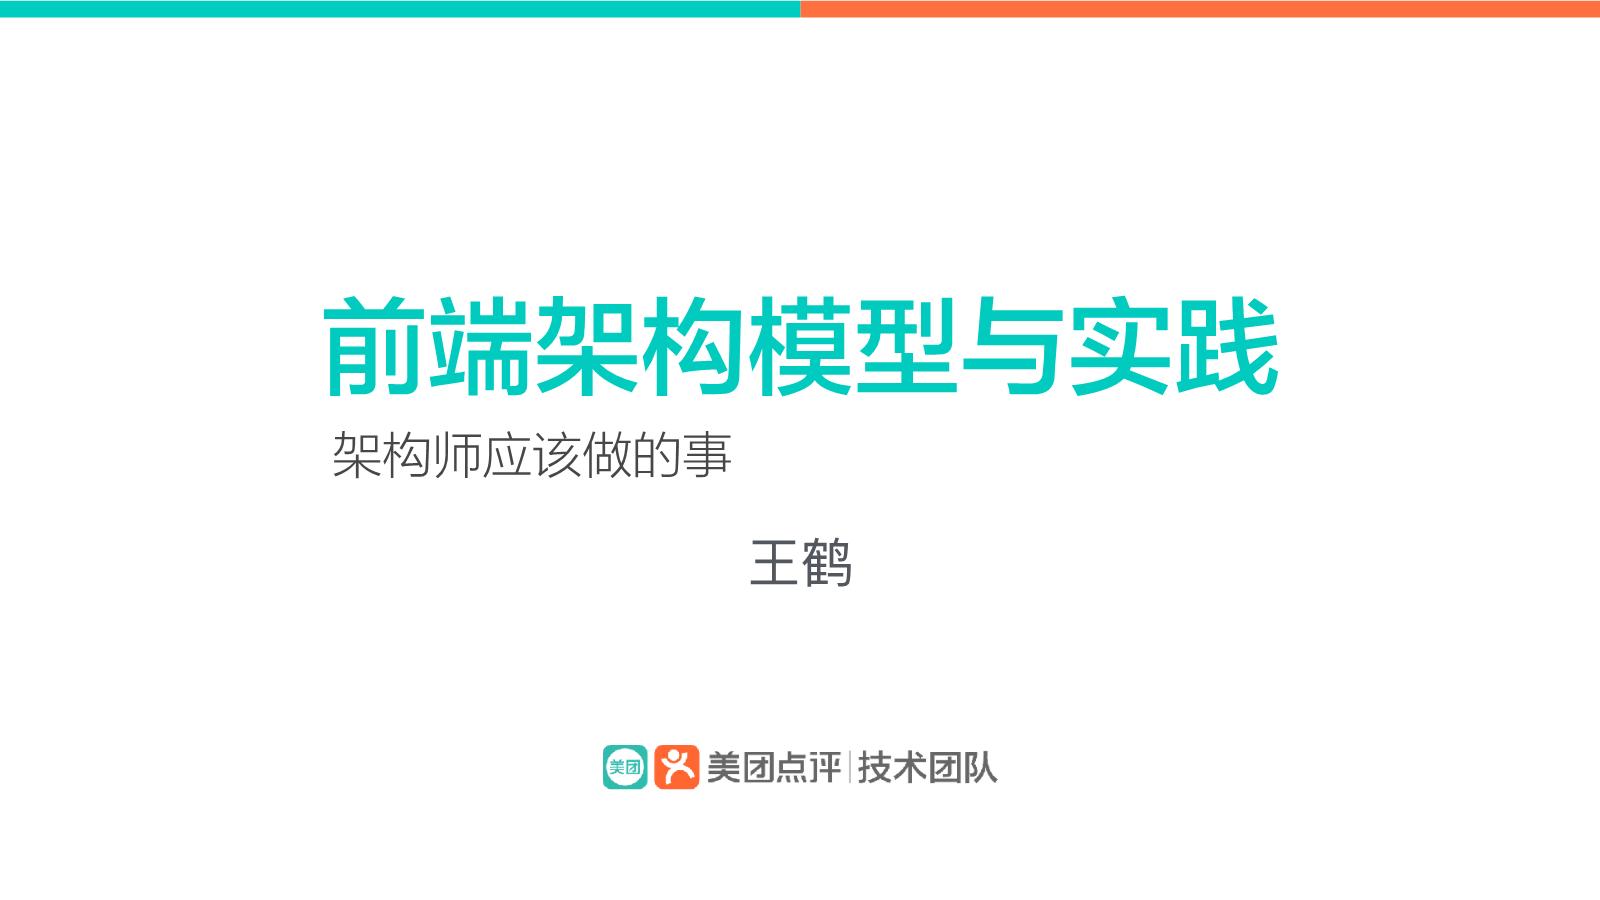 王鹤-前端架构模型与实践